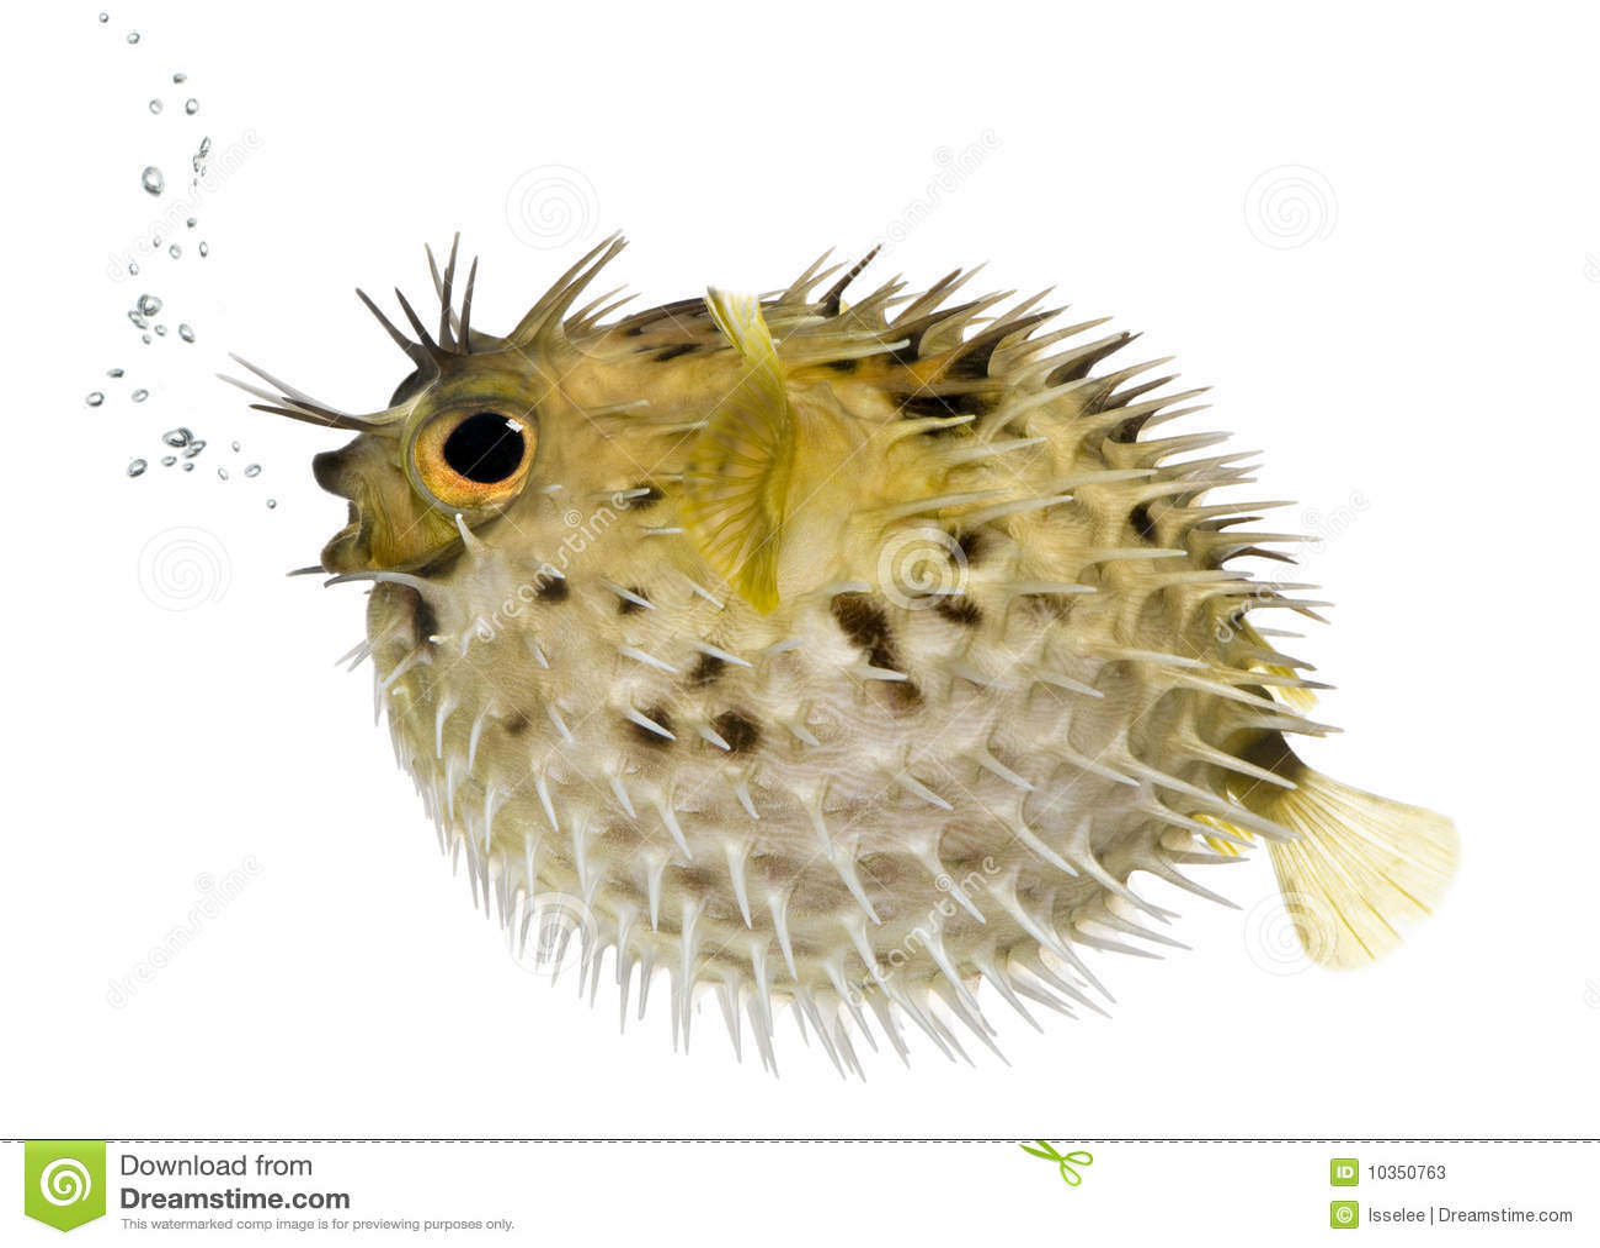 长的刺顿鱼脊椎